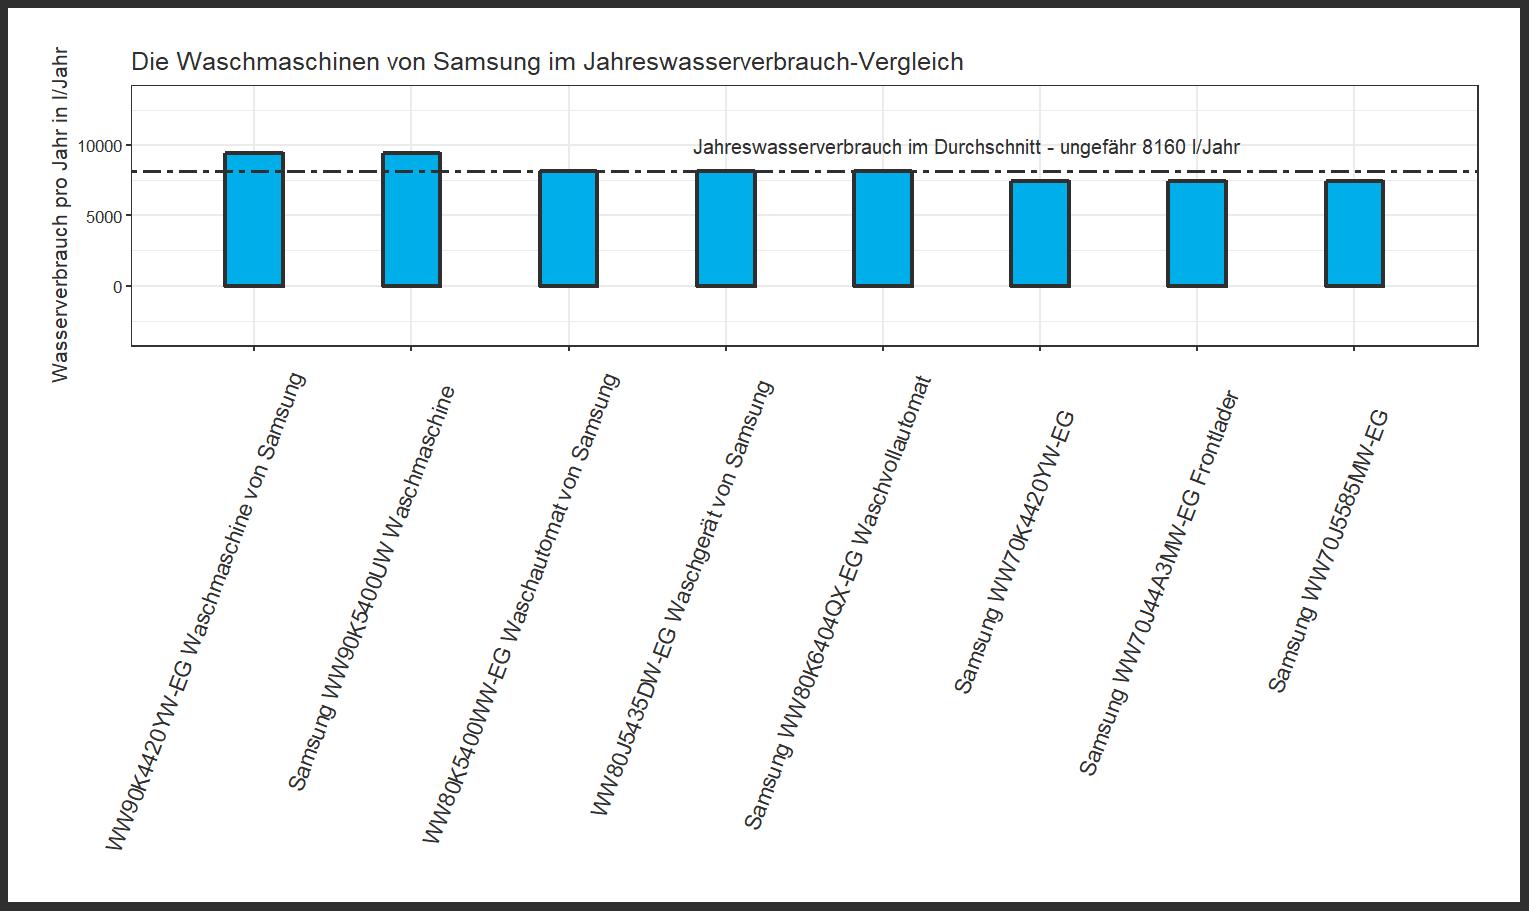 Samsung Jahreswasserverbrauch-Vergleich Waschautomat